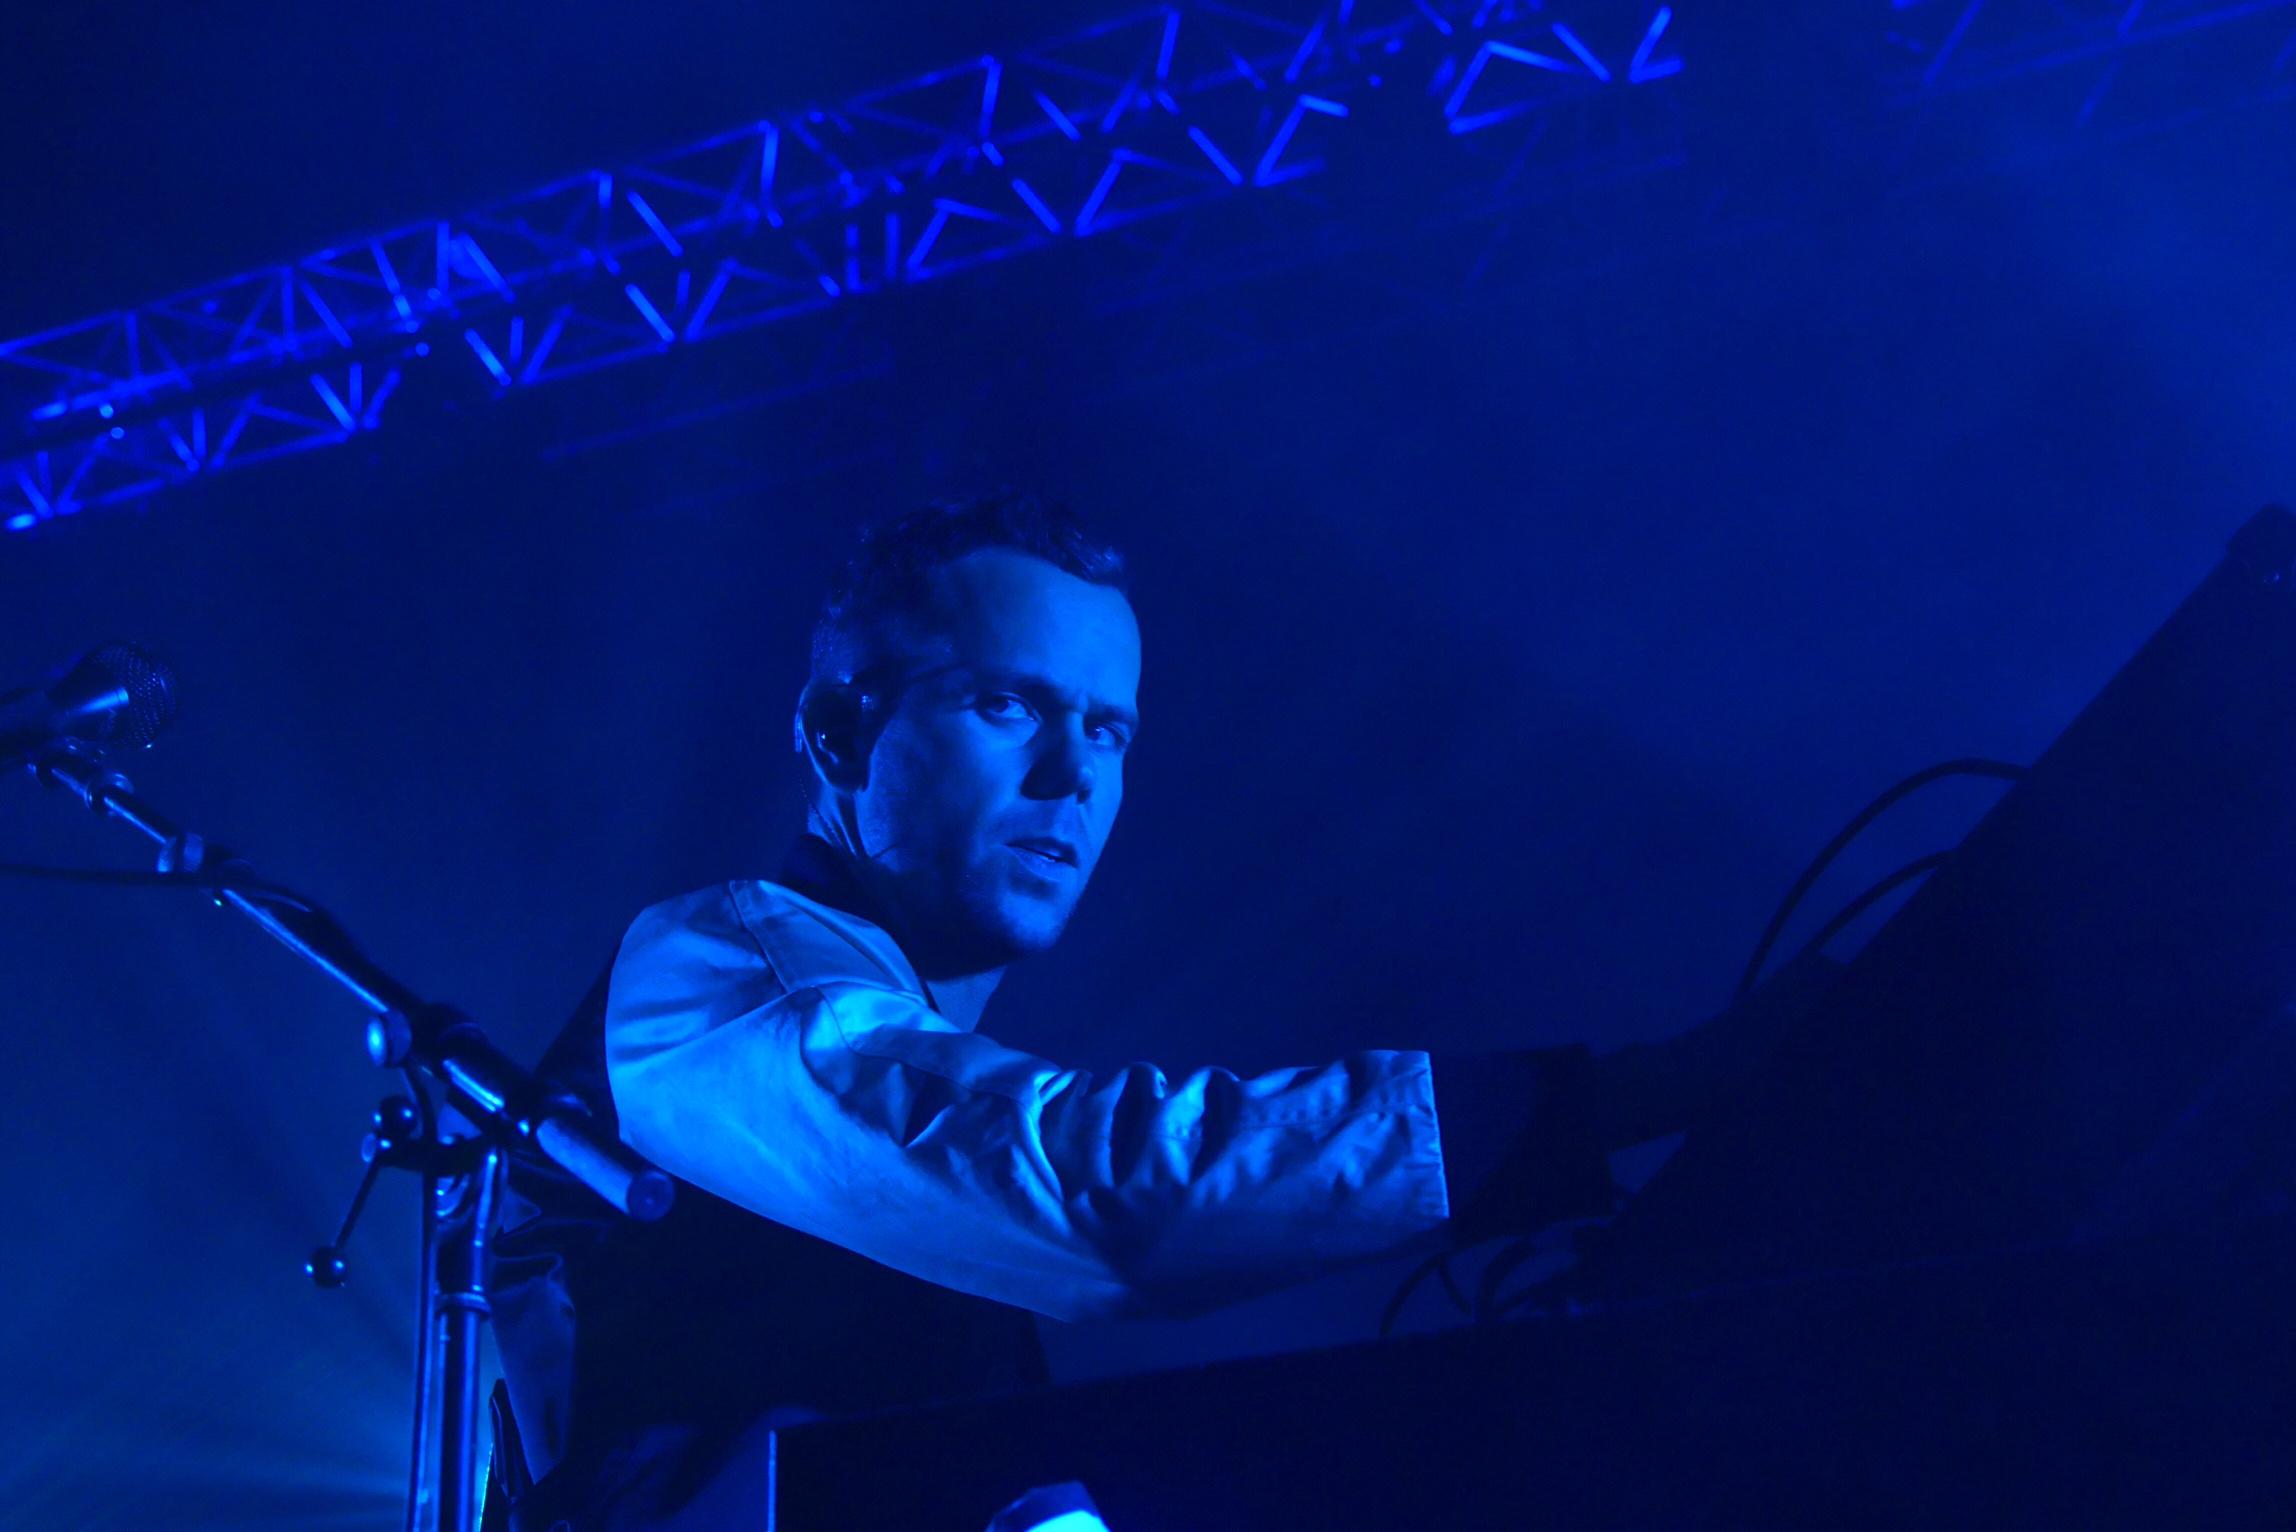 m83-anthony-gonzalez-eyes-junk-tour-live-concert-zenith-paris-photo-usofparis-blog